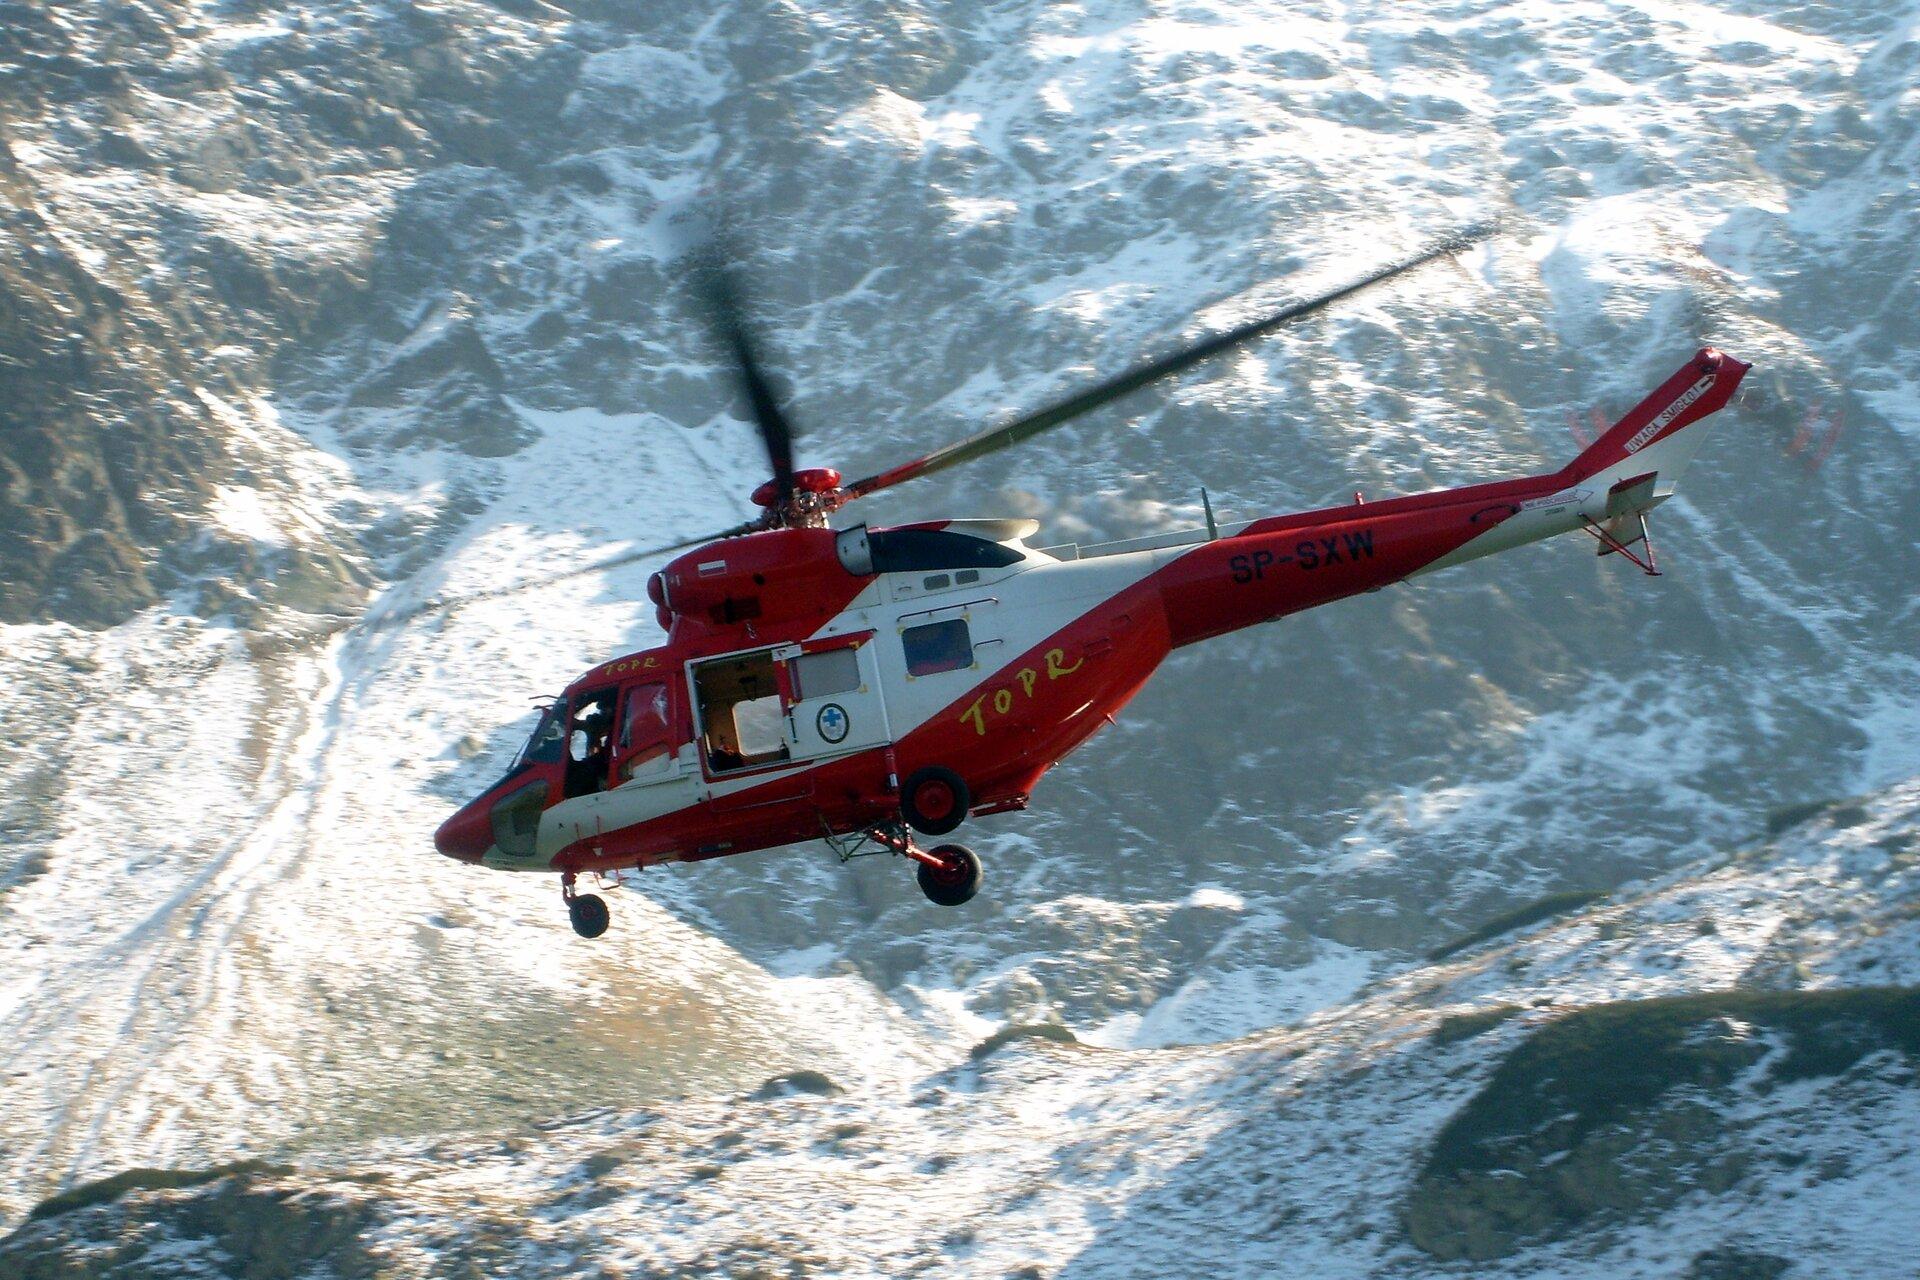 Zdjęcie przedstawia helikopter TOPR wtrakcie akcji ratunkowej. Na pierwszym planie, na środku kadru białoczerwony helikopter lecący na tle górskich zboczy oświetlonych słońcem ipokrytych częściowo śniegiem. Lewy bok helikoptera zwrócony do obserwatora zdjęcia, ogon helikoptera po prawej stronie, awięc helikopter leci wlewo. Kadłub helikoptera wkolorze czerwonym zukośnym białym pasem. Właz boczny otwarty, na drzwiach owalny znak służb górskich zniebieskim krzyżem wśrodku. Na kadłubie po prawej stronie napis TOPR, wykonany dużymi żółtymi literami.